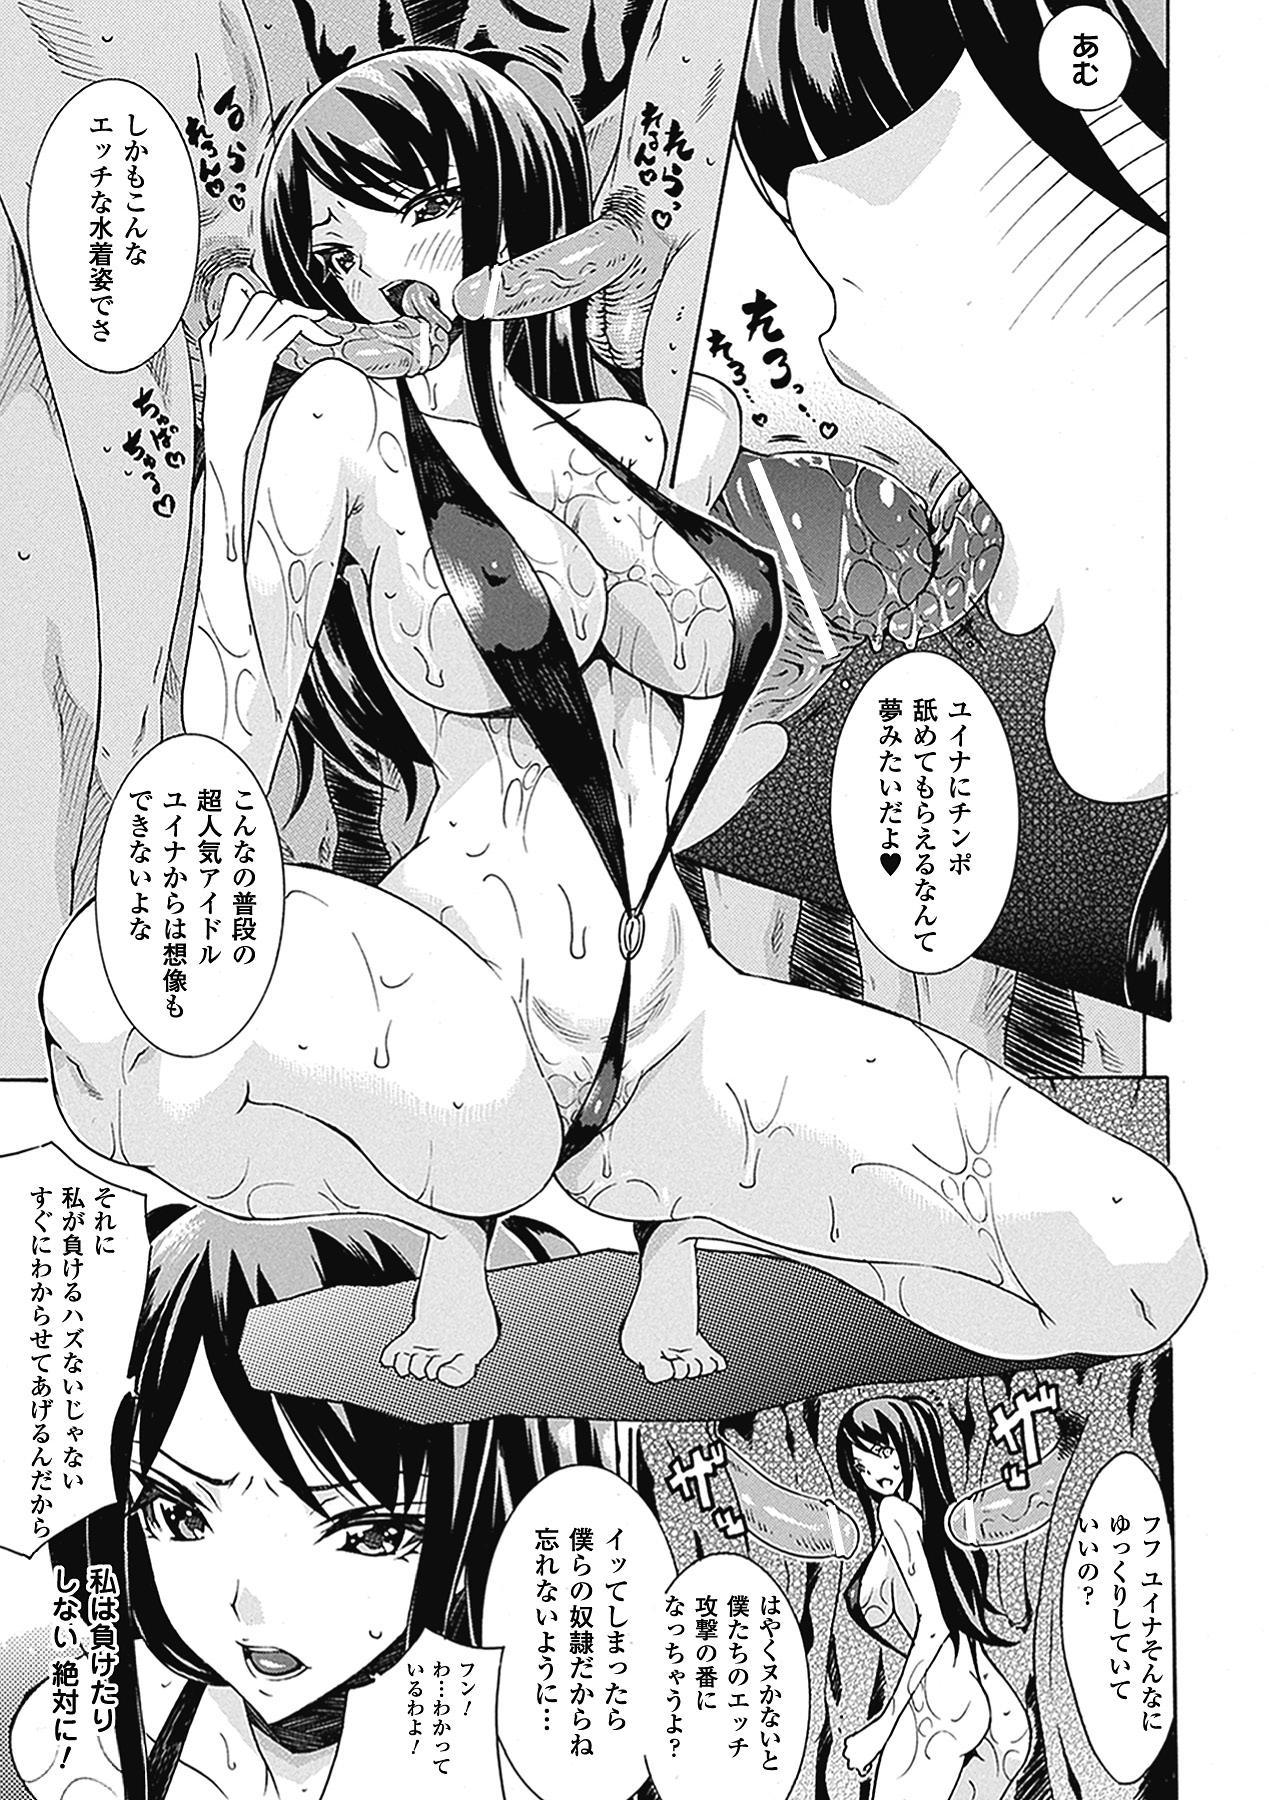 Seiin Shoujo 46